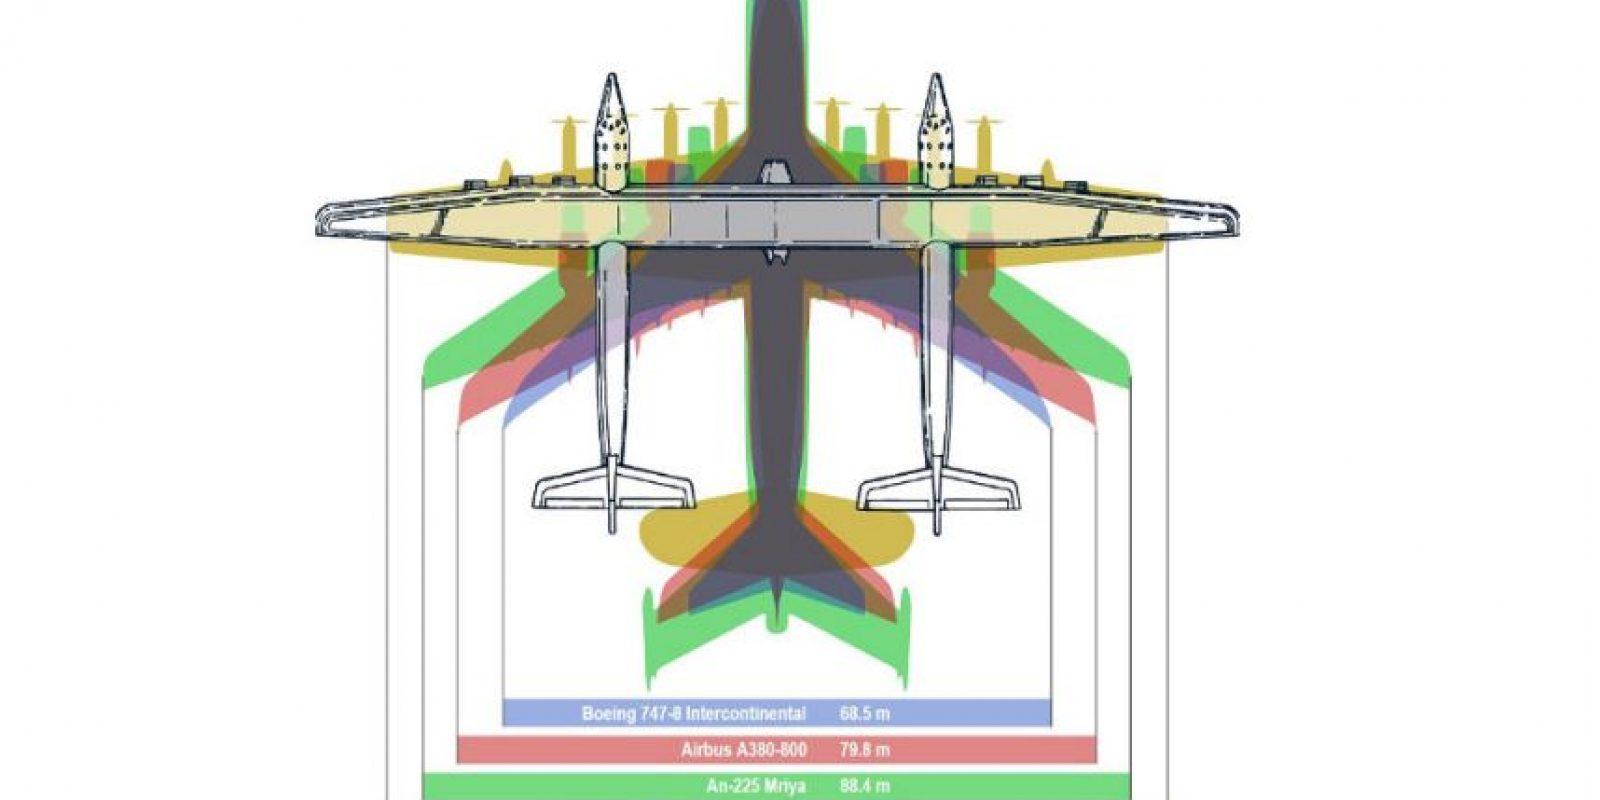 Se usará como ayuda para los satélites de lanzamiento. Orbitará hasta mil 200 millas (más de un millón 900 mil metros) de altura Foto:M Warren us / Wikicommons